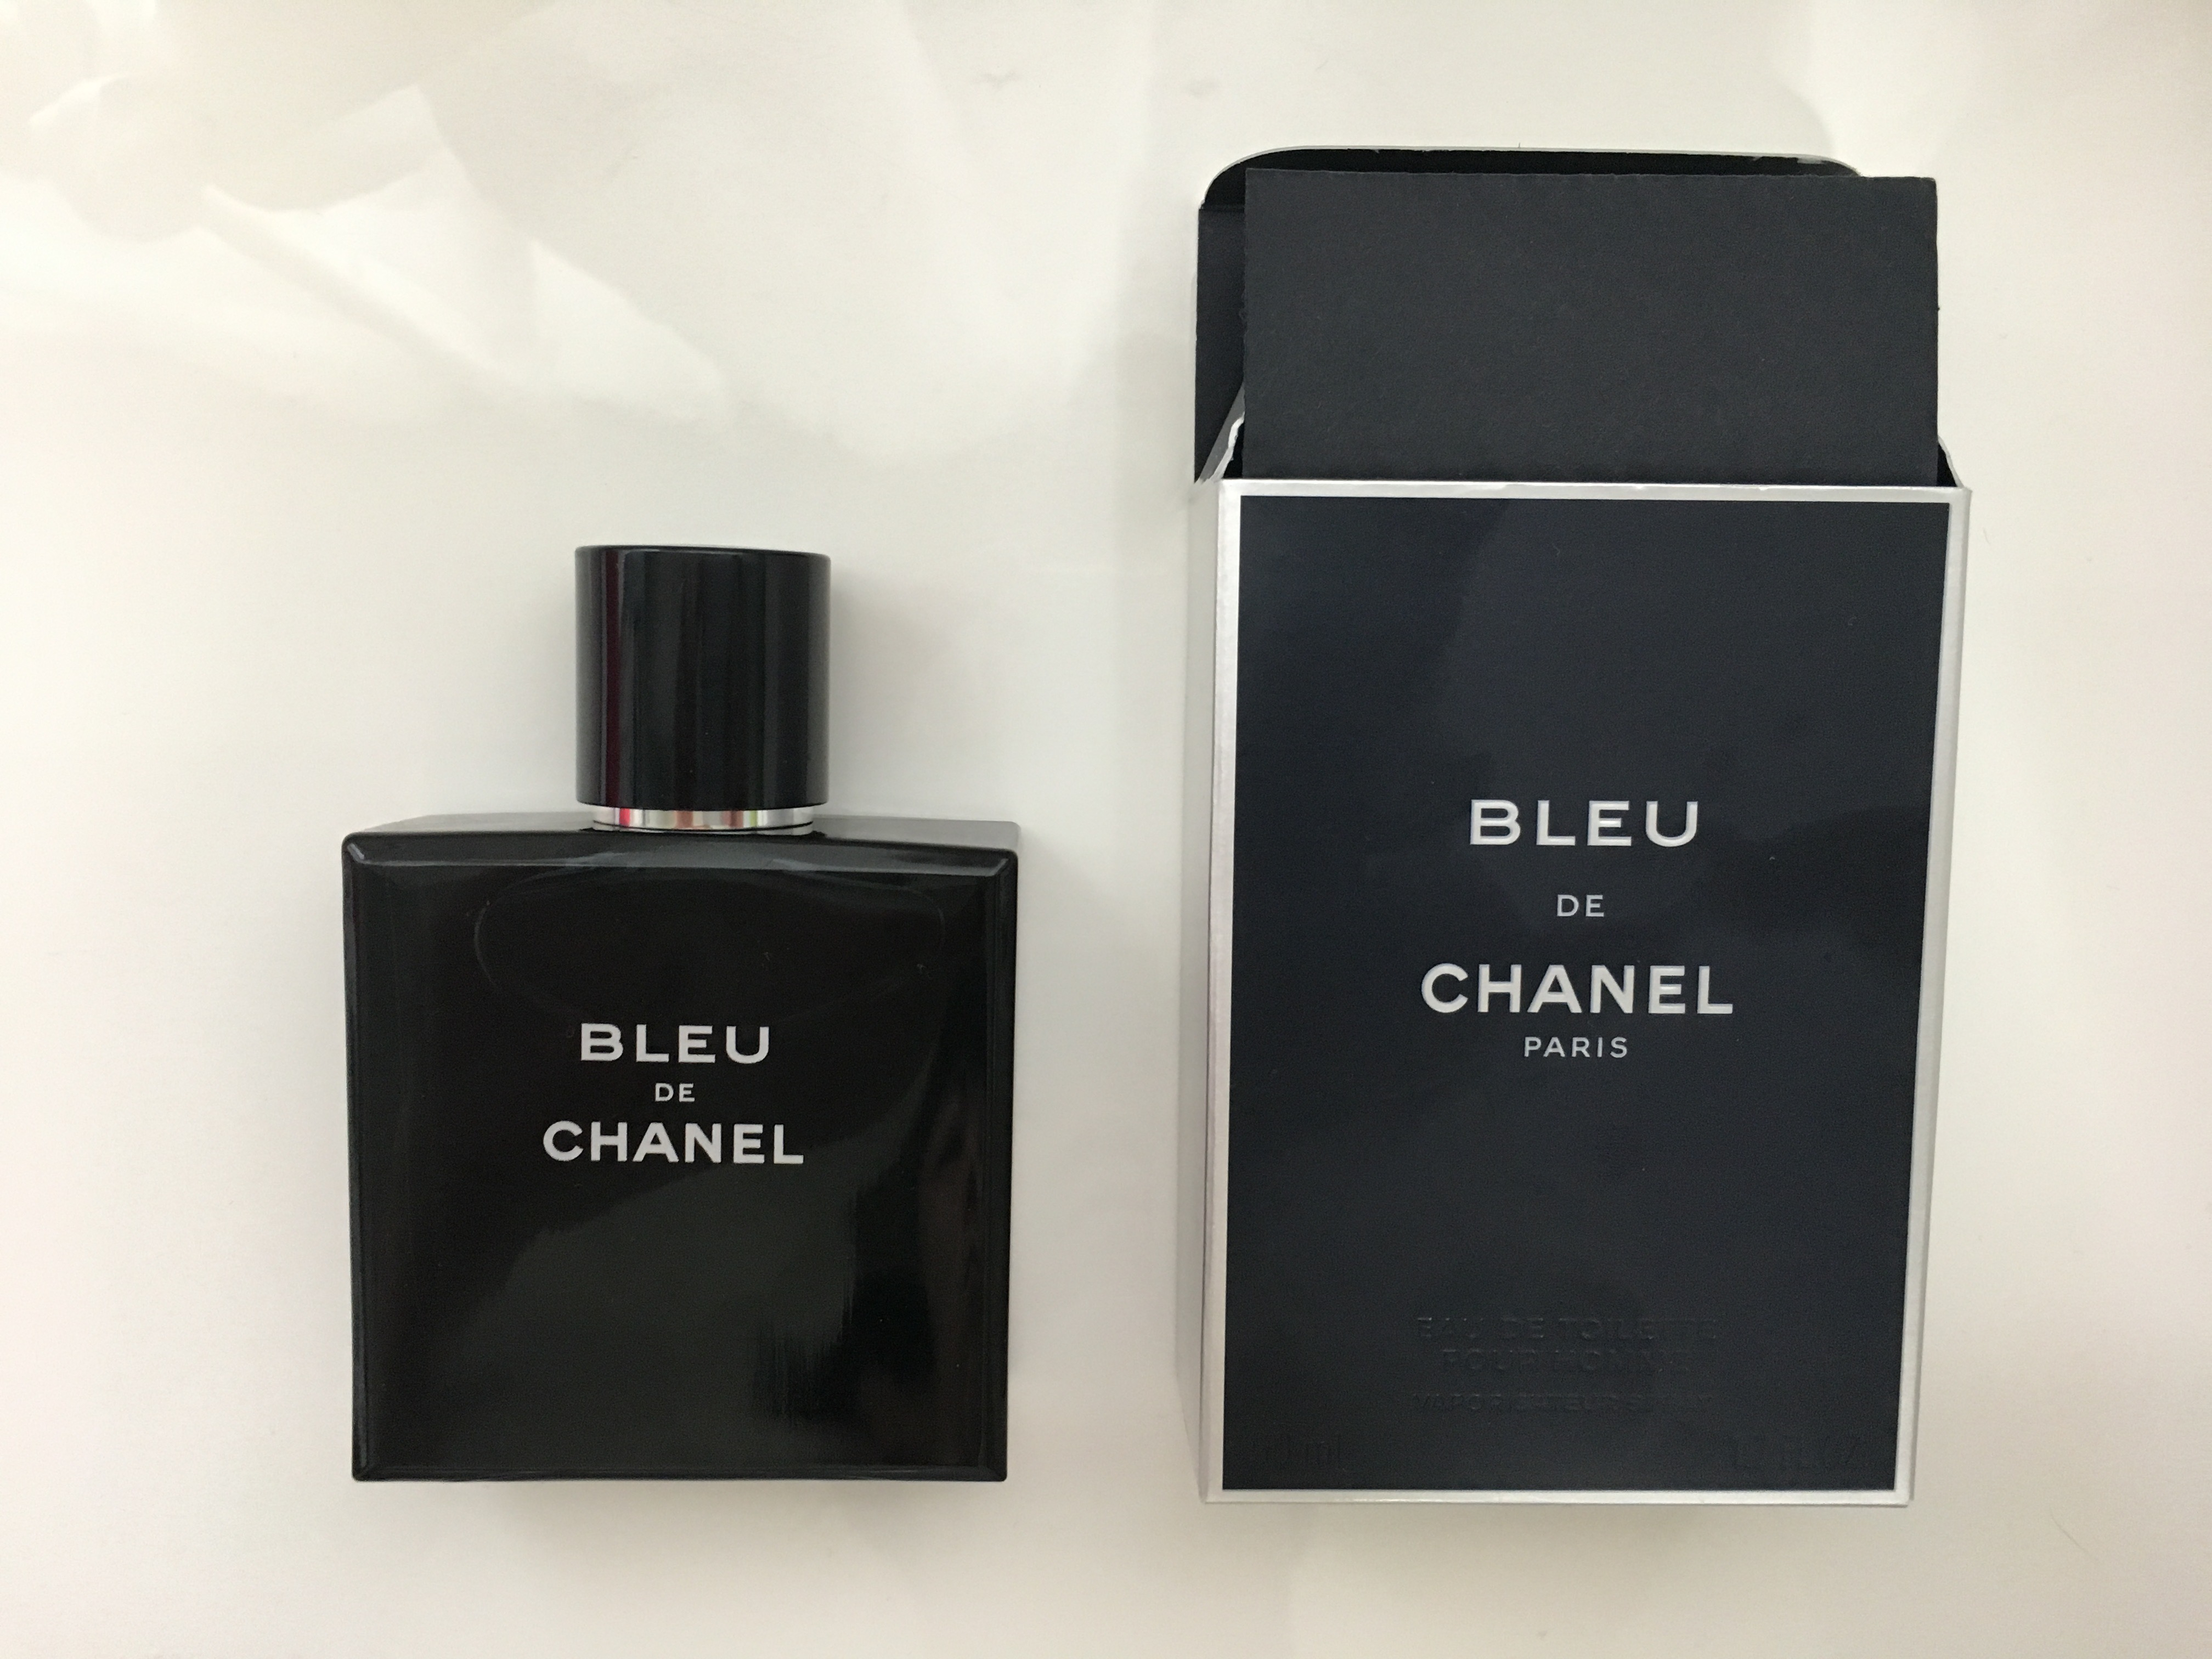 【ブルードゥシャネル口コミ】人気メンズ香水の評判・匂いを徹底解説